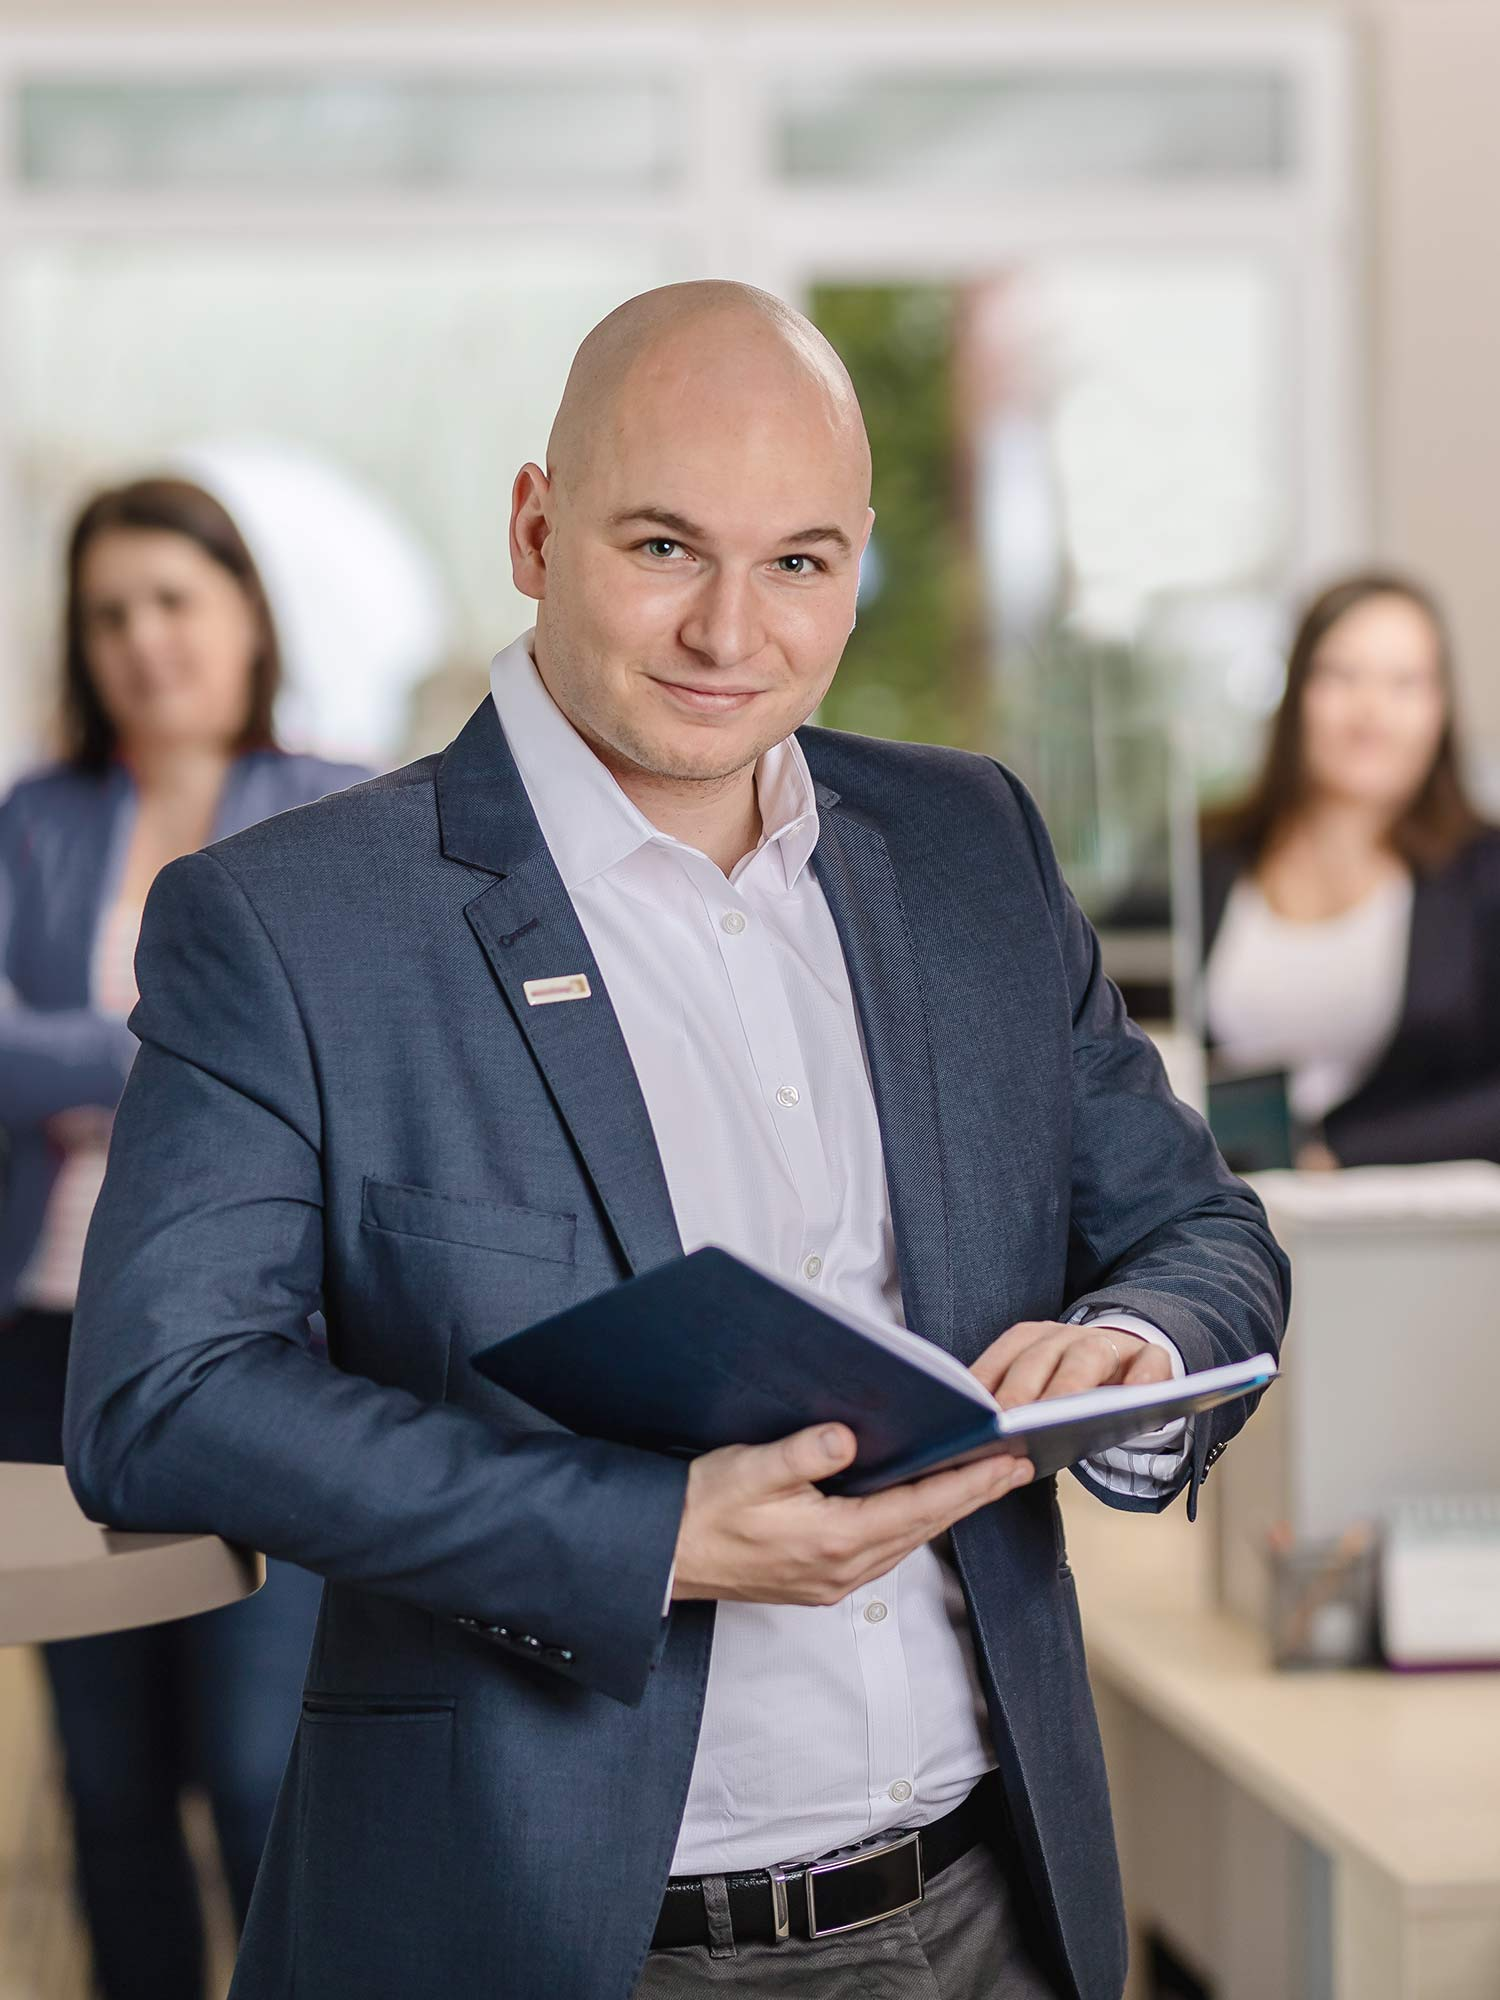 Üzleti fotózás Győr fotóstúdió